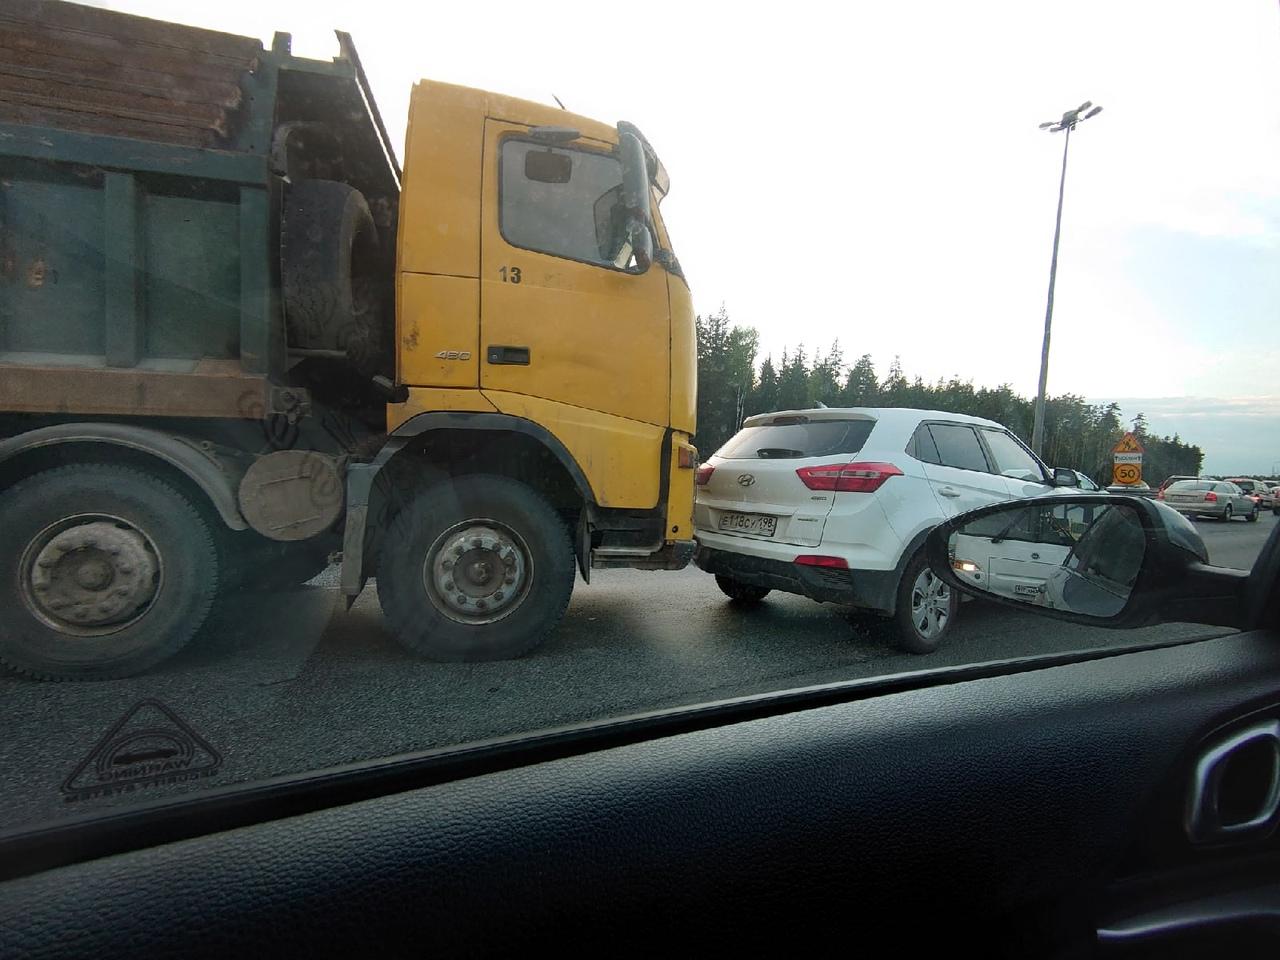 На внешней стороне Кад после съезда в Кудрово, в третьей полосе перед ремонтом камаз притёр Hyundai.